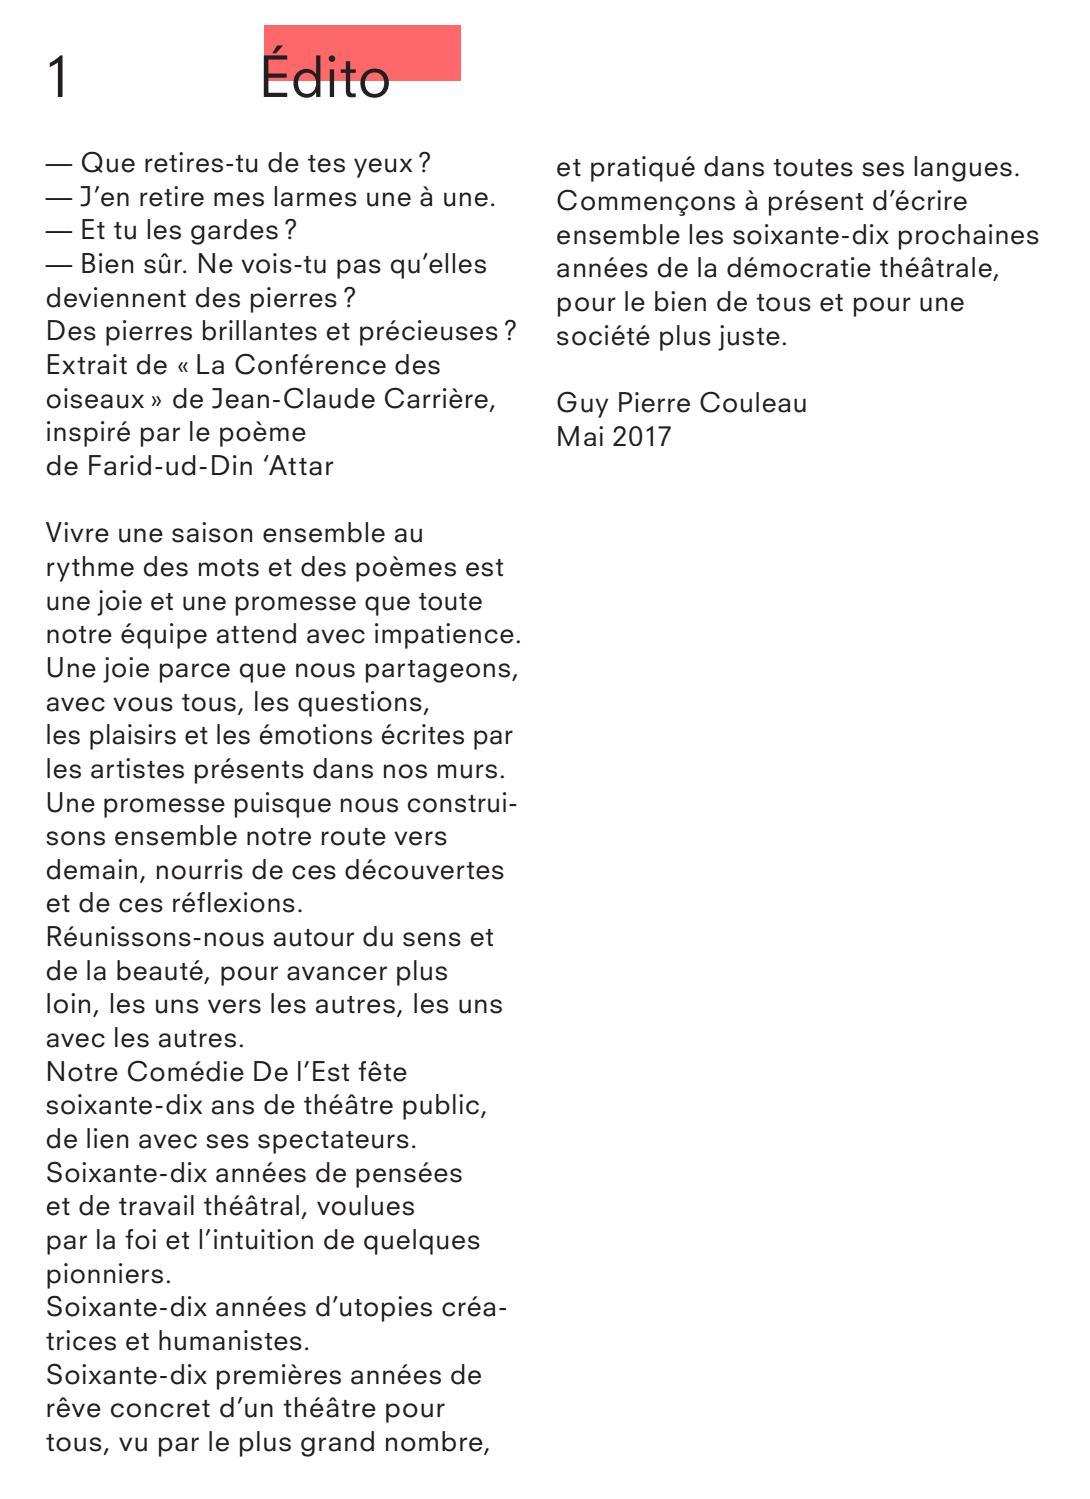 Comédie De Lest Plaquette 17 18 By Becoze Issuu